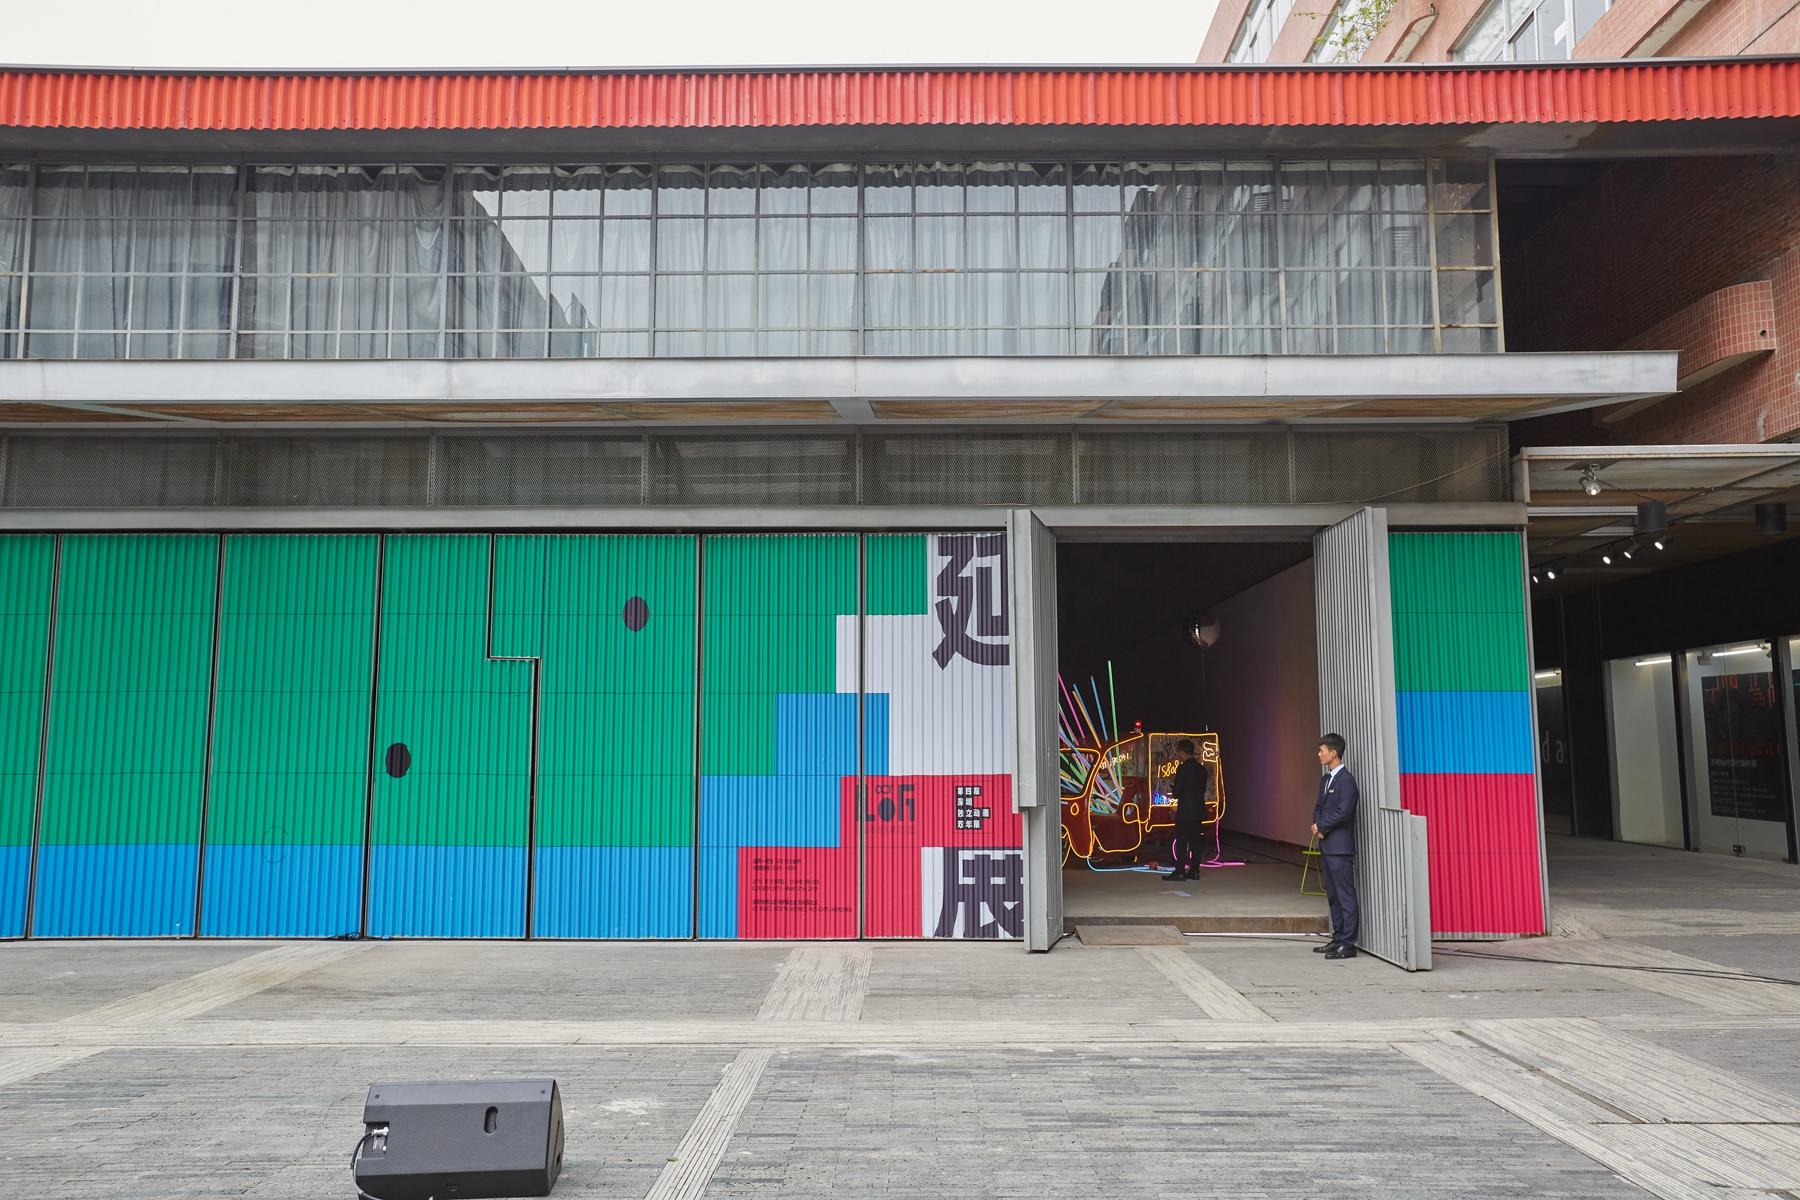 延展动画:第四届深圳独立动画双年展 - 4th Shenzhen Independent Animation Biennale Expanded Animation